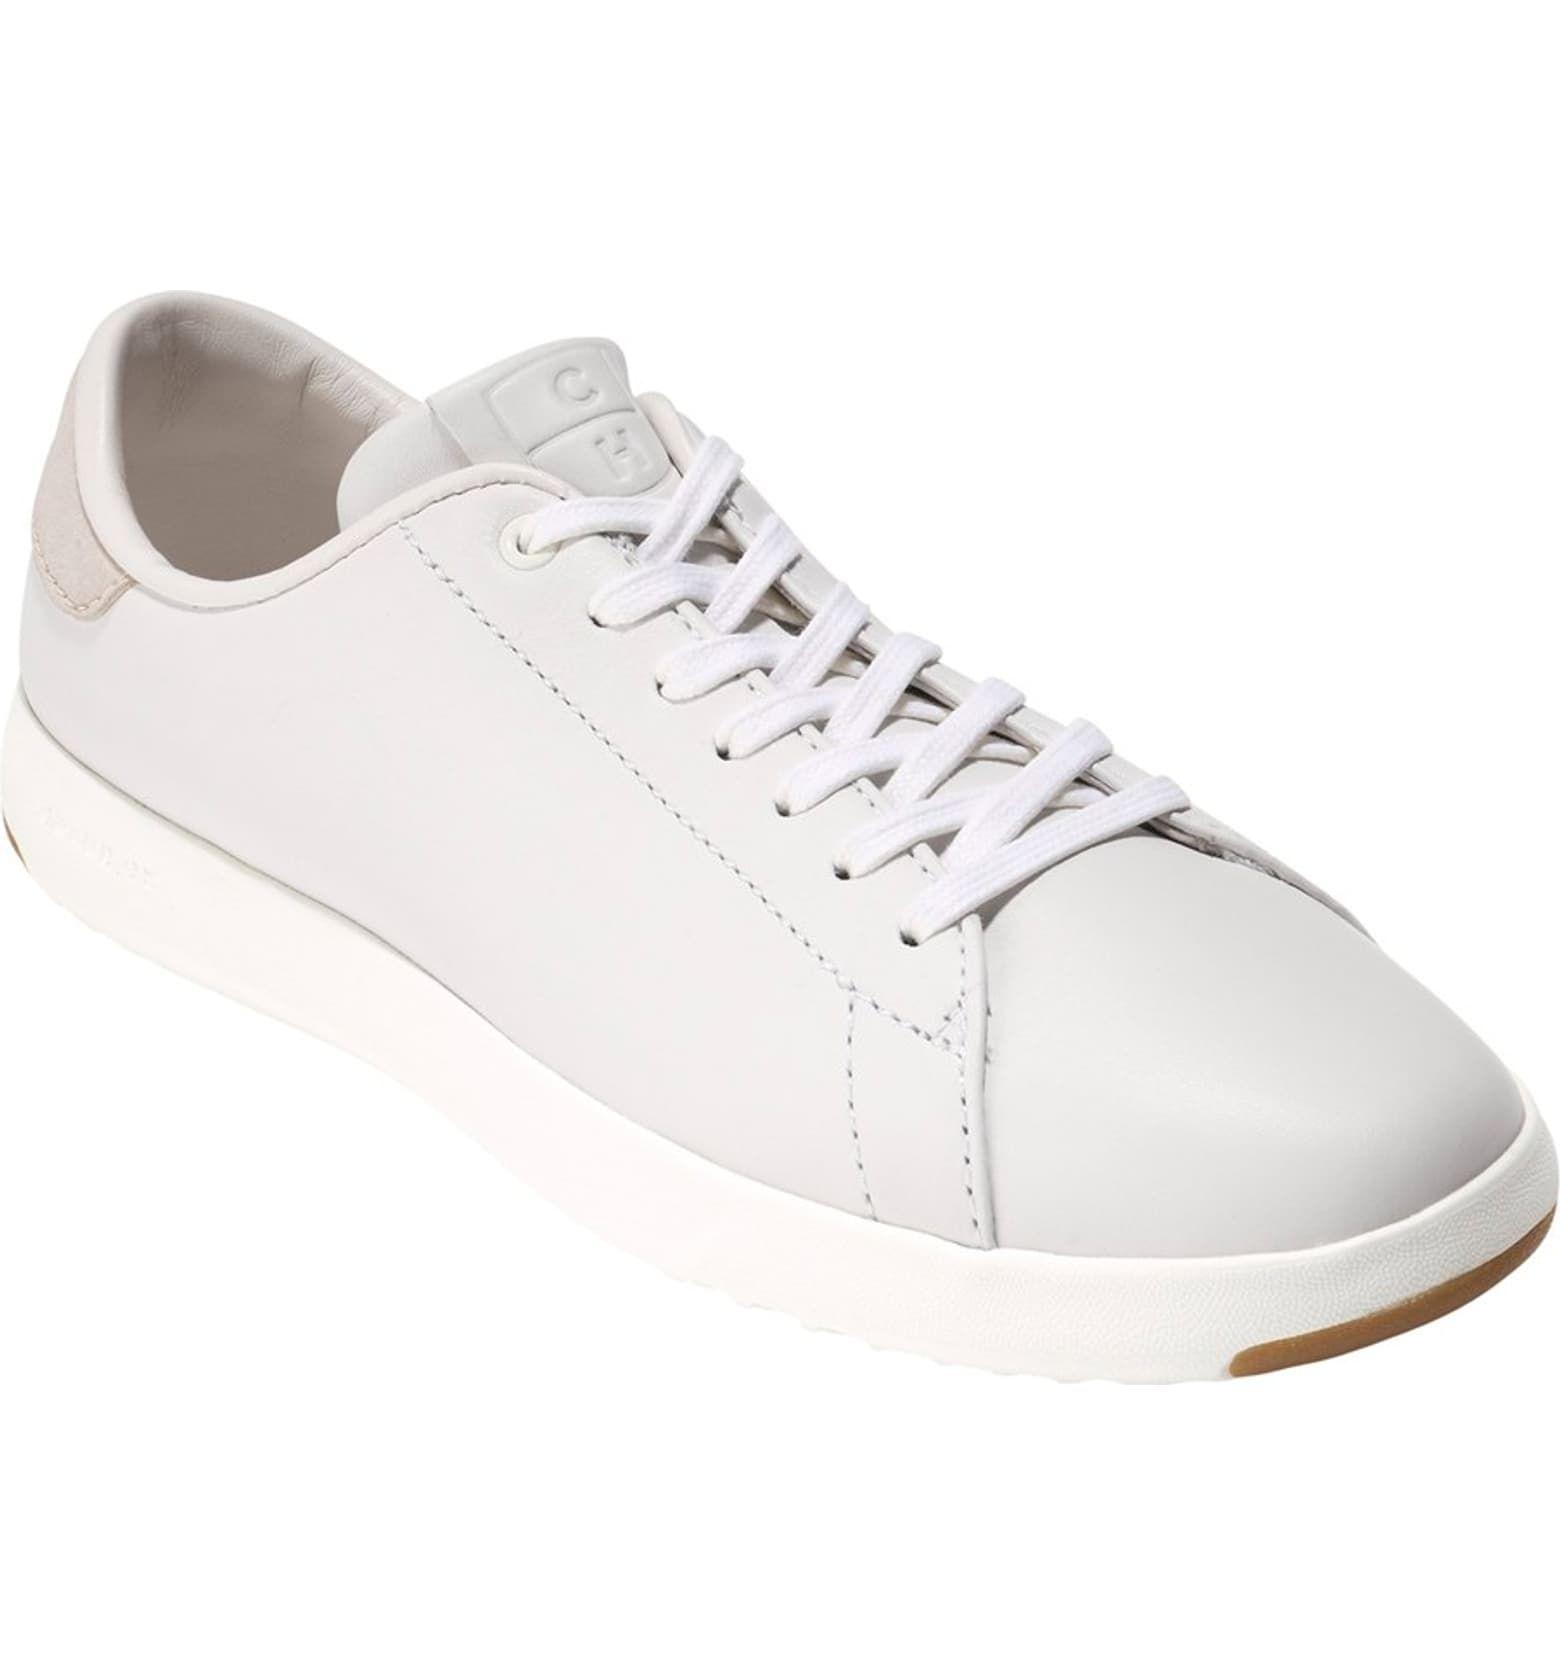 Cole Haan GrandPro Tennis Shoe (Women